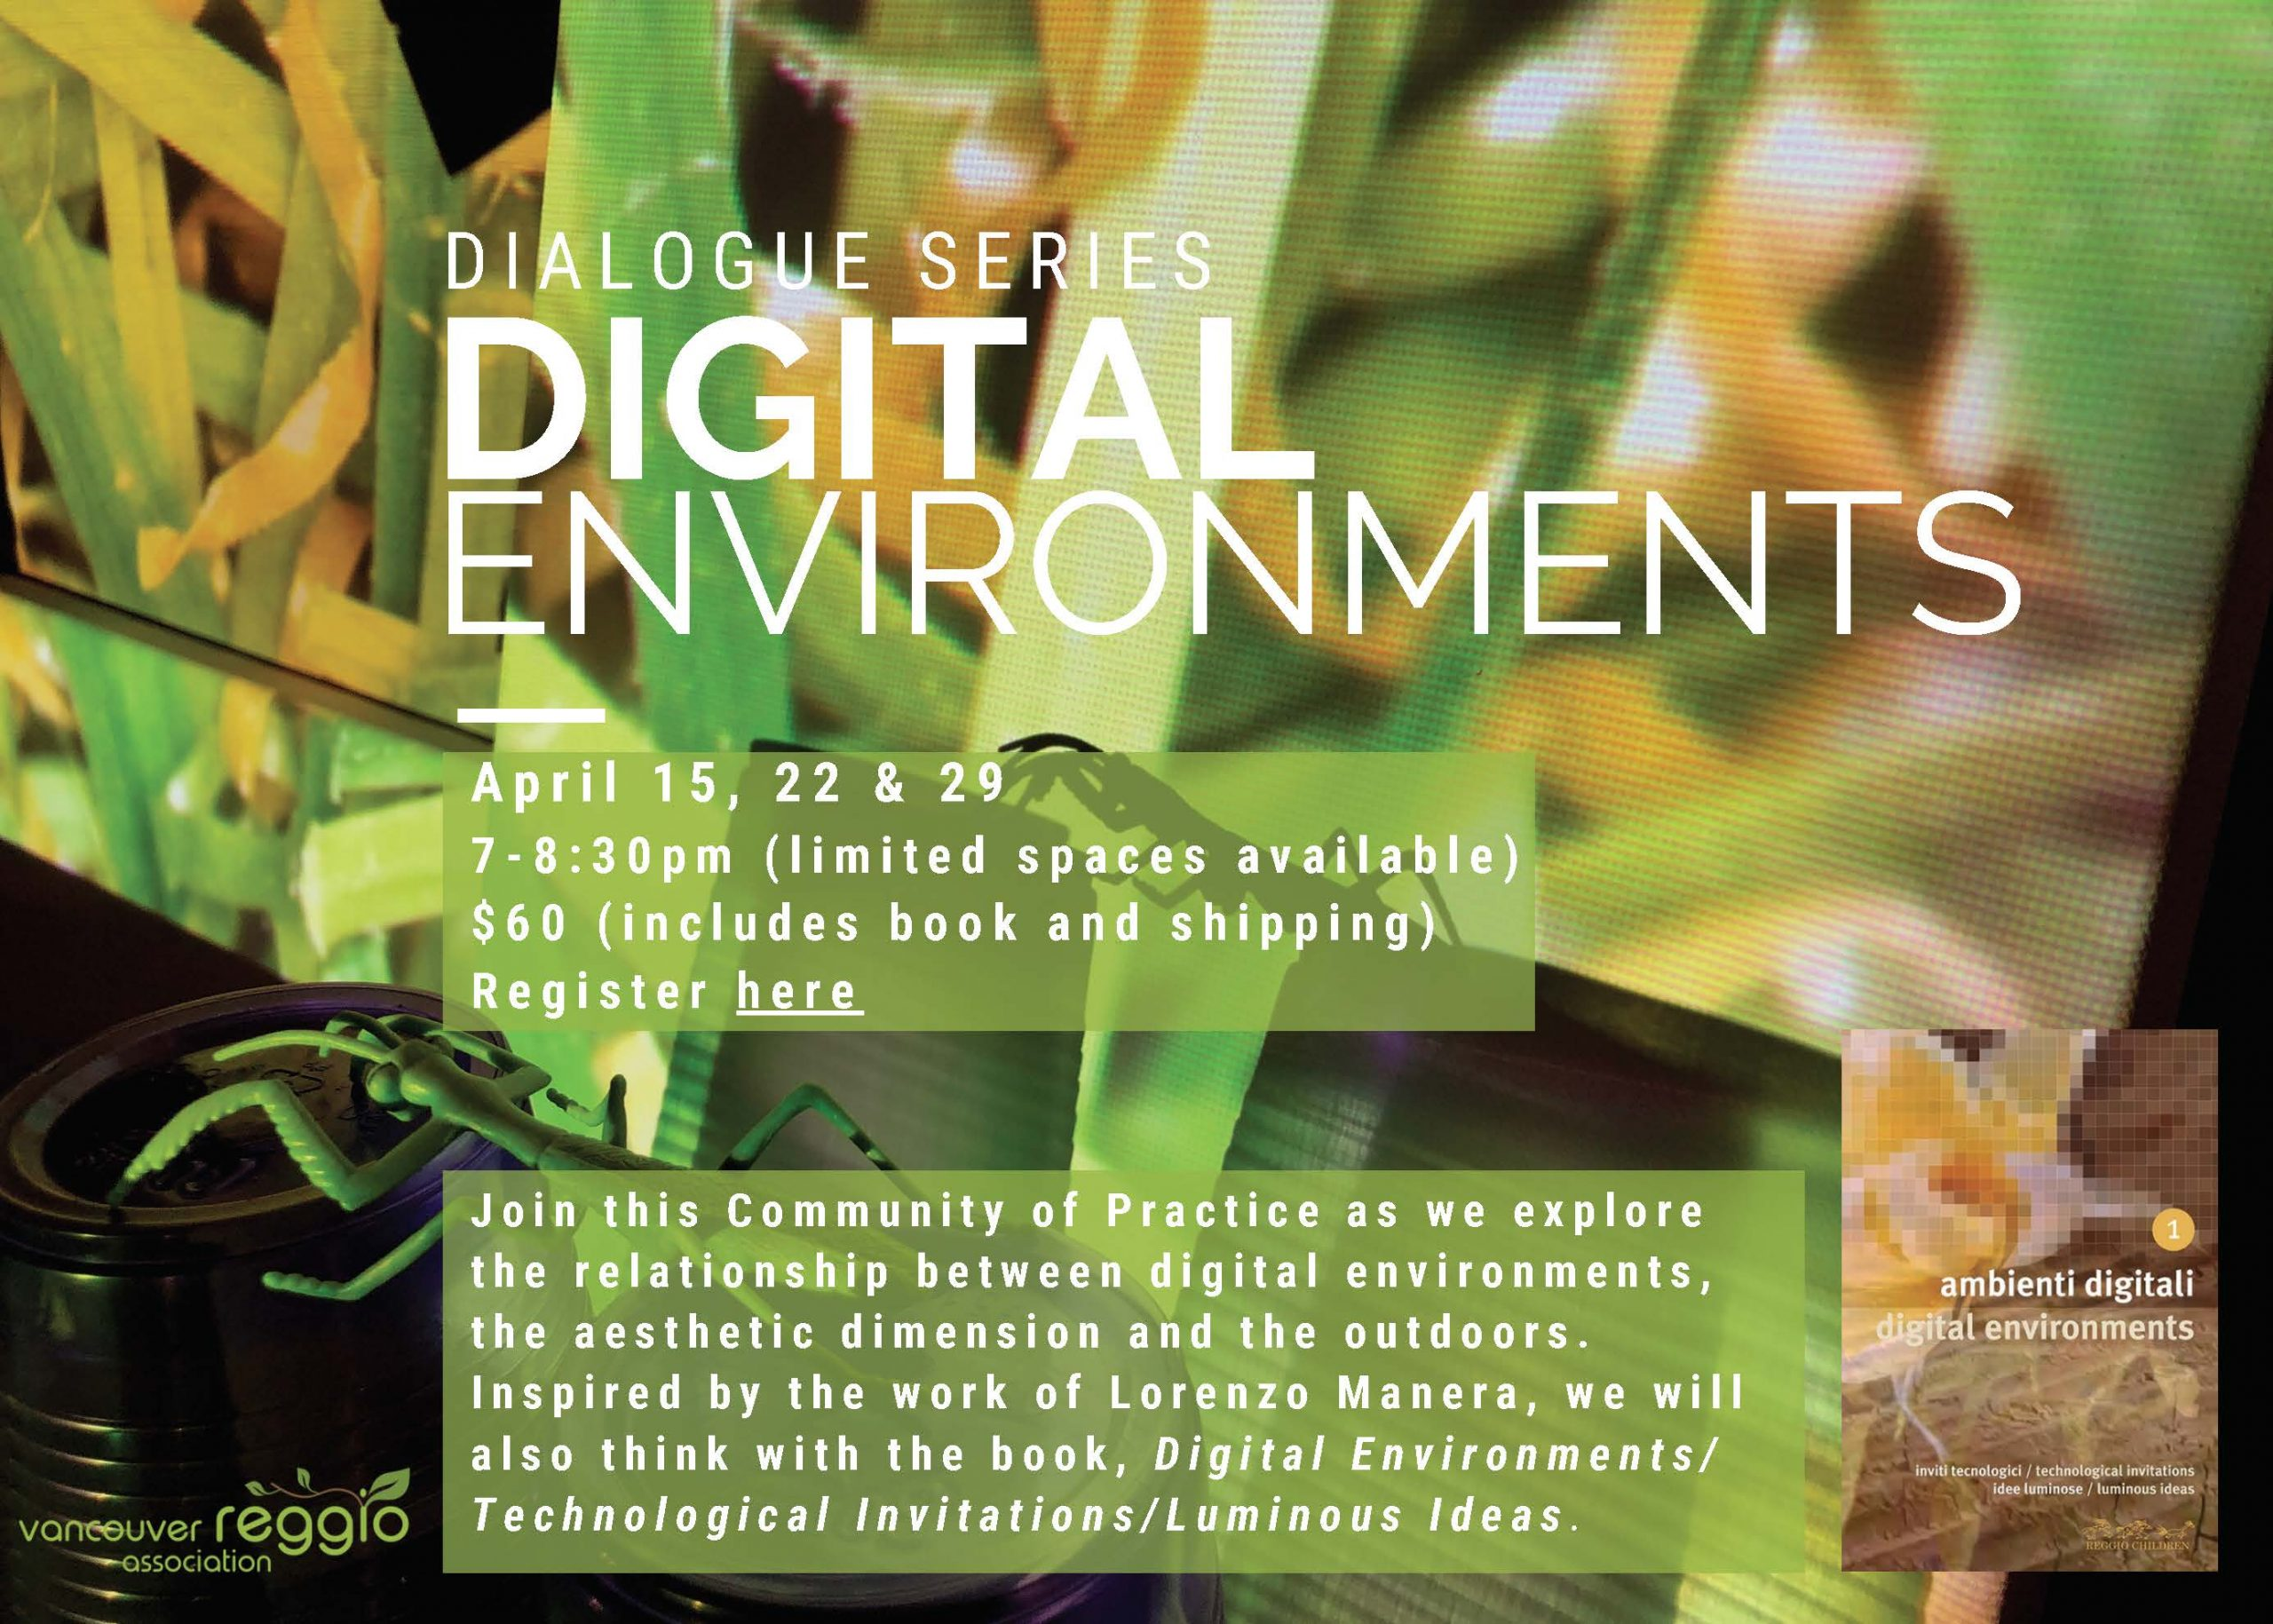 Digital Environments Dialogue Series